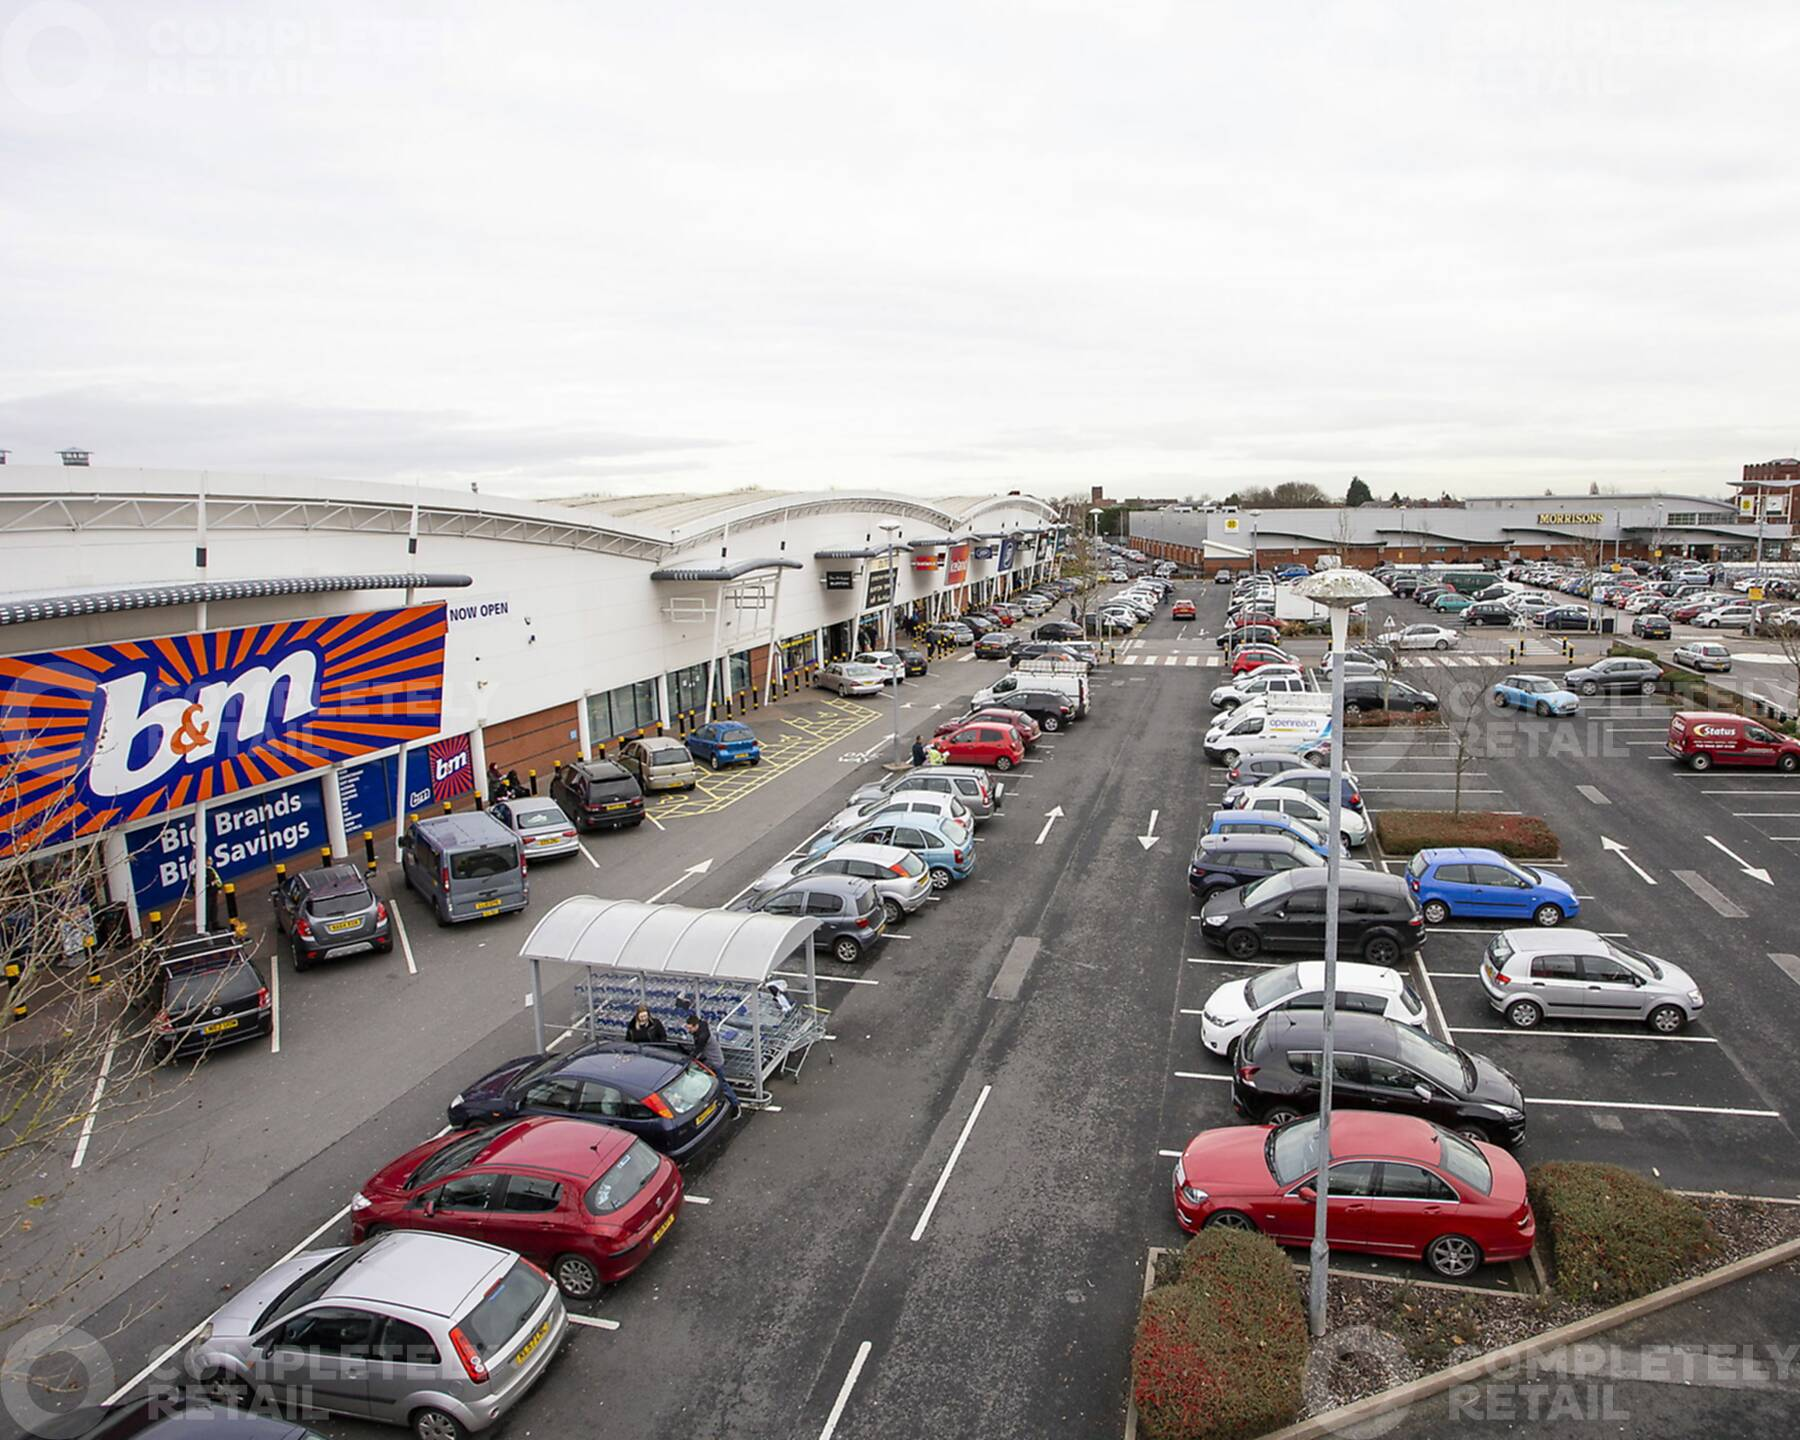 St Andrew's Shopping Park